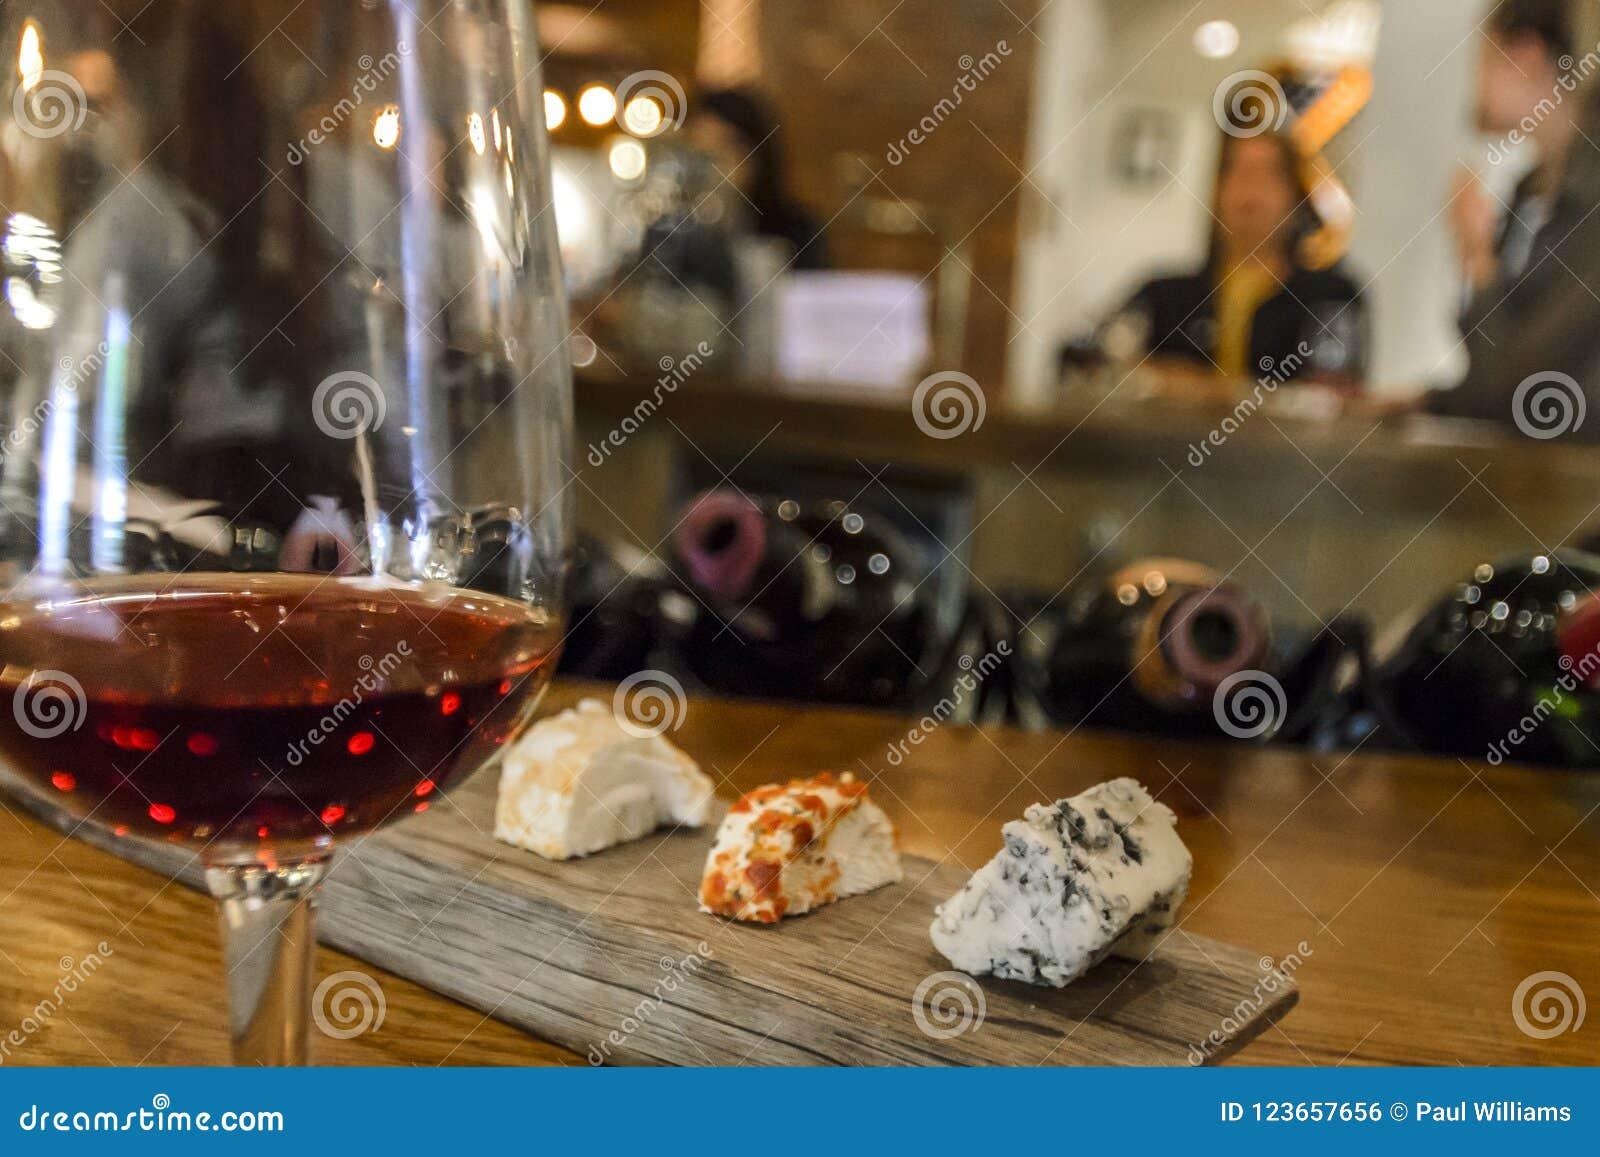 Queijo e degustação de vinhos com amigos